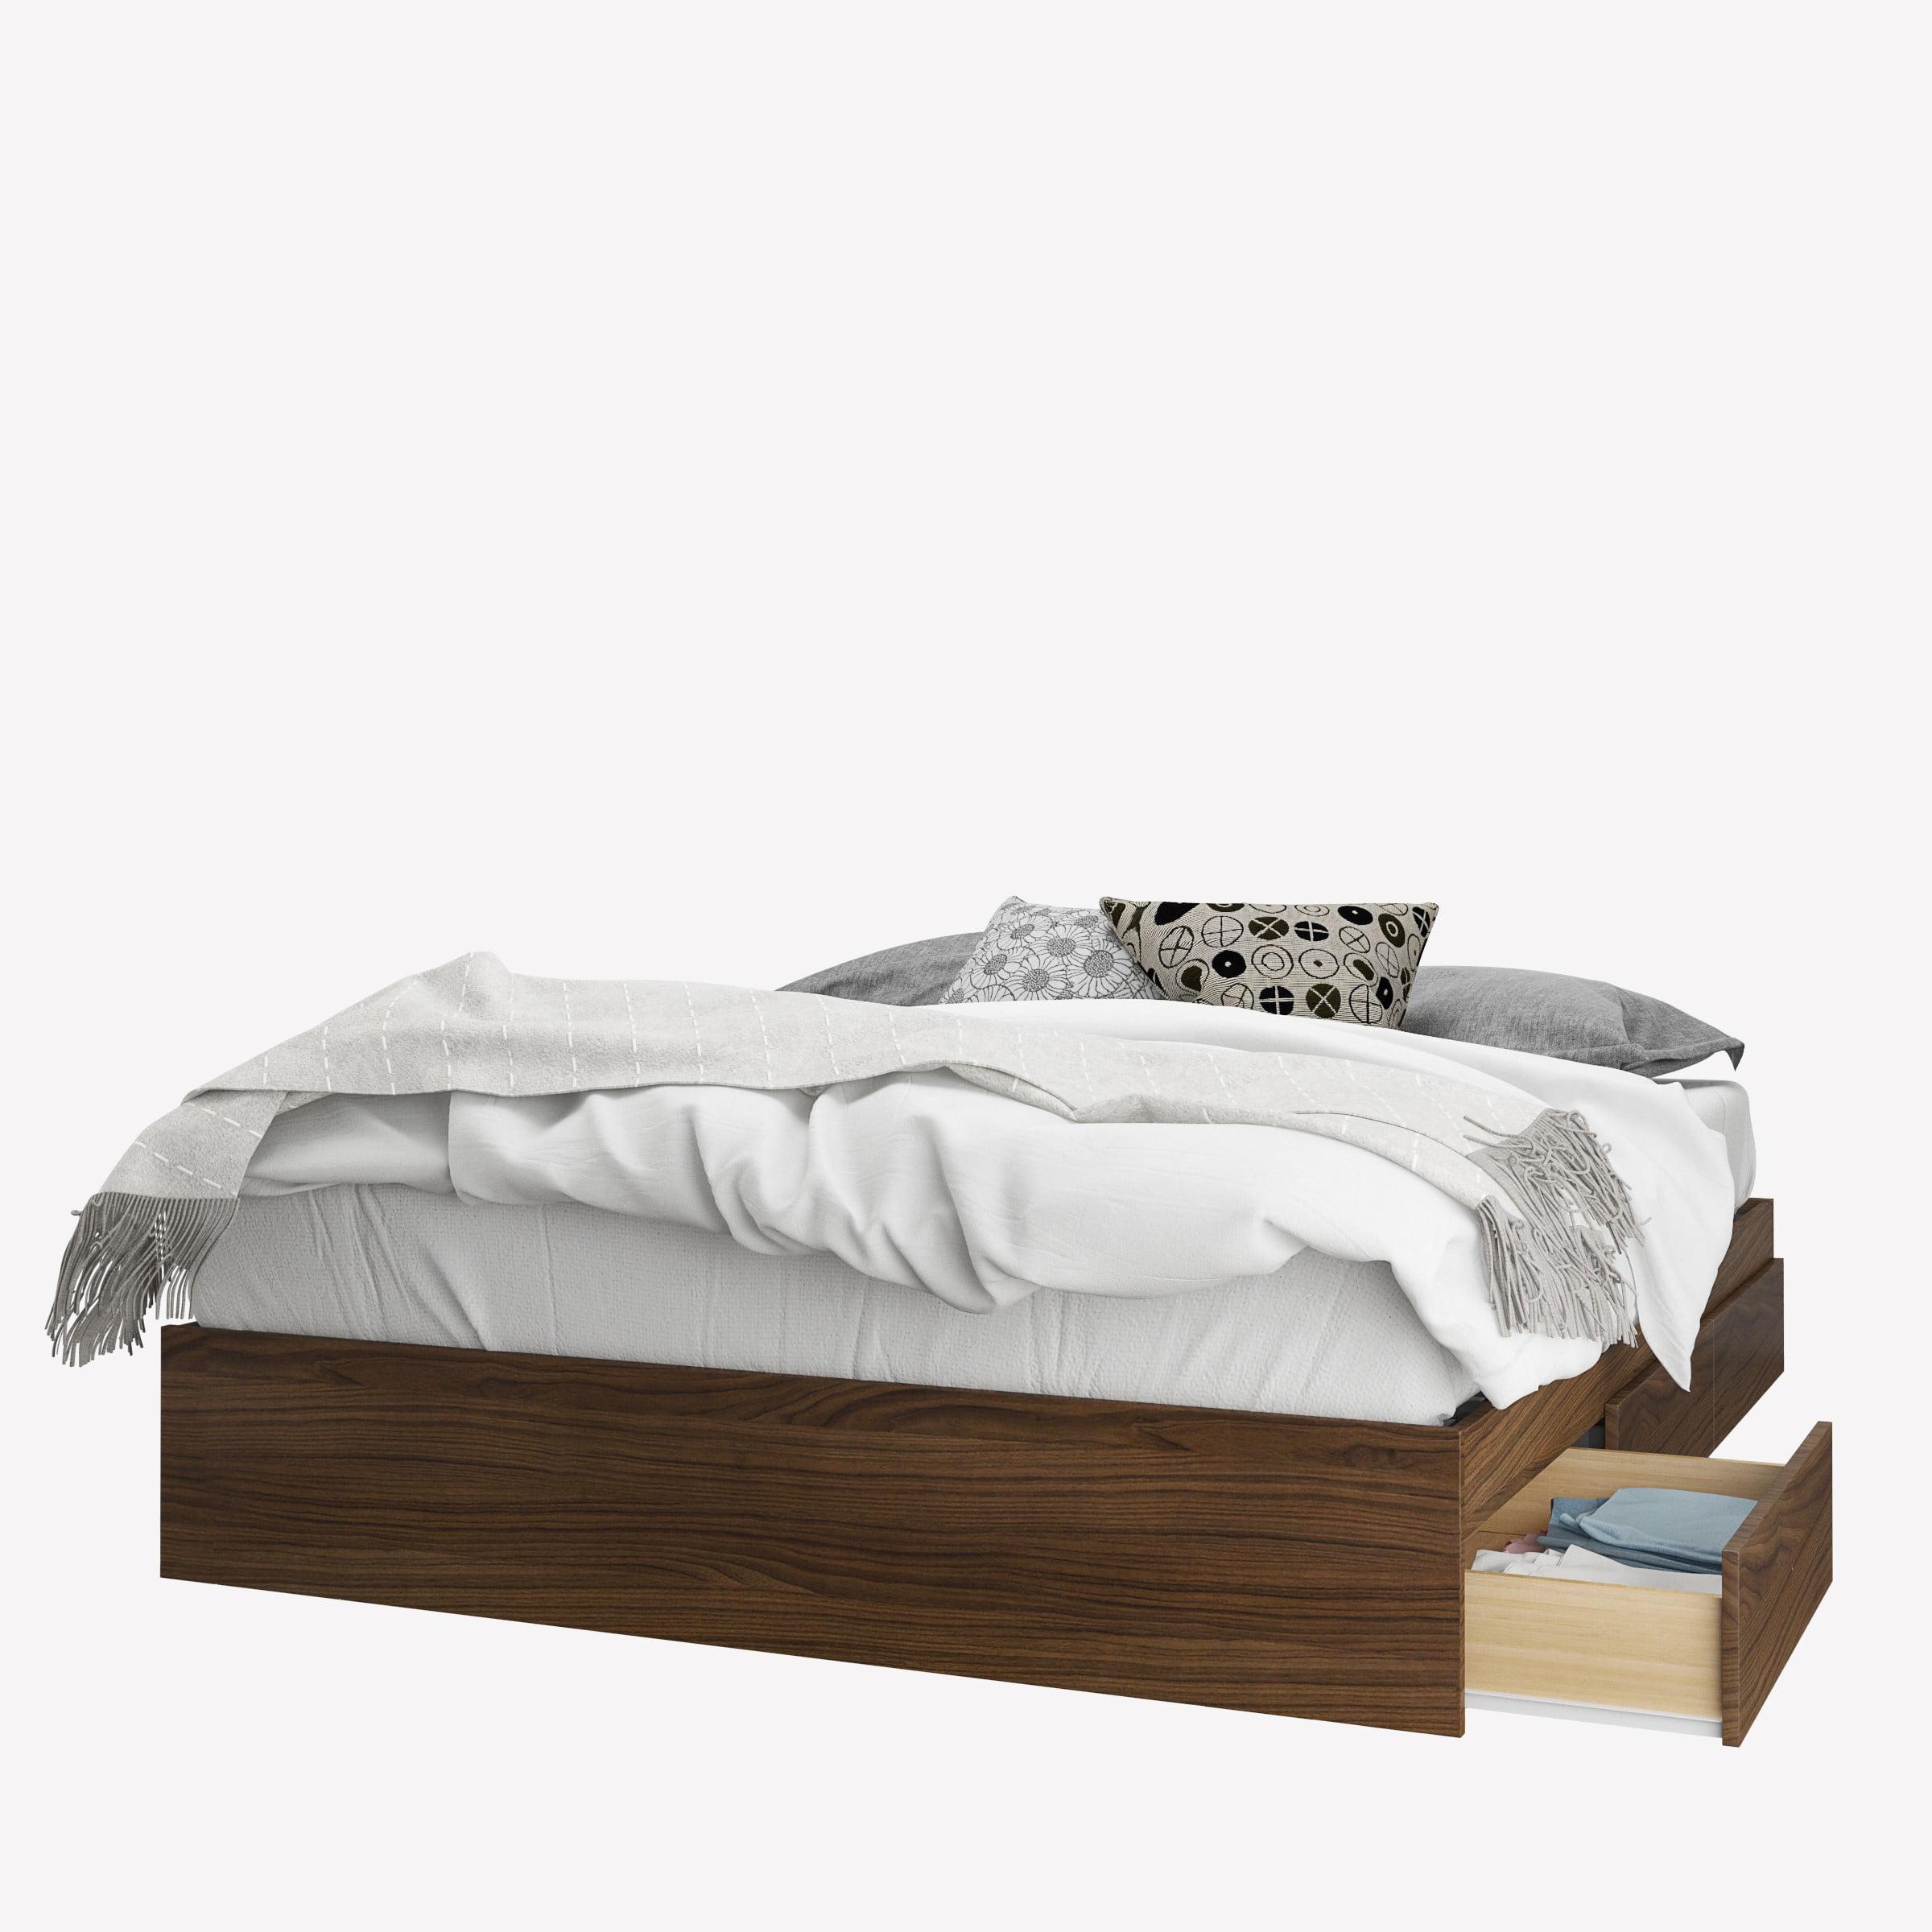 Nexera Cartel 3-Drawer Queen Size Storage Bed, Walnut